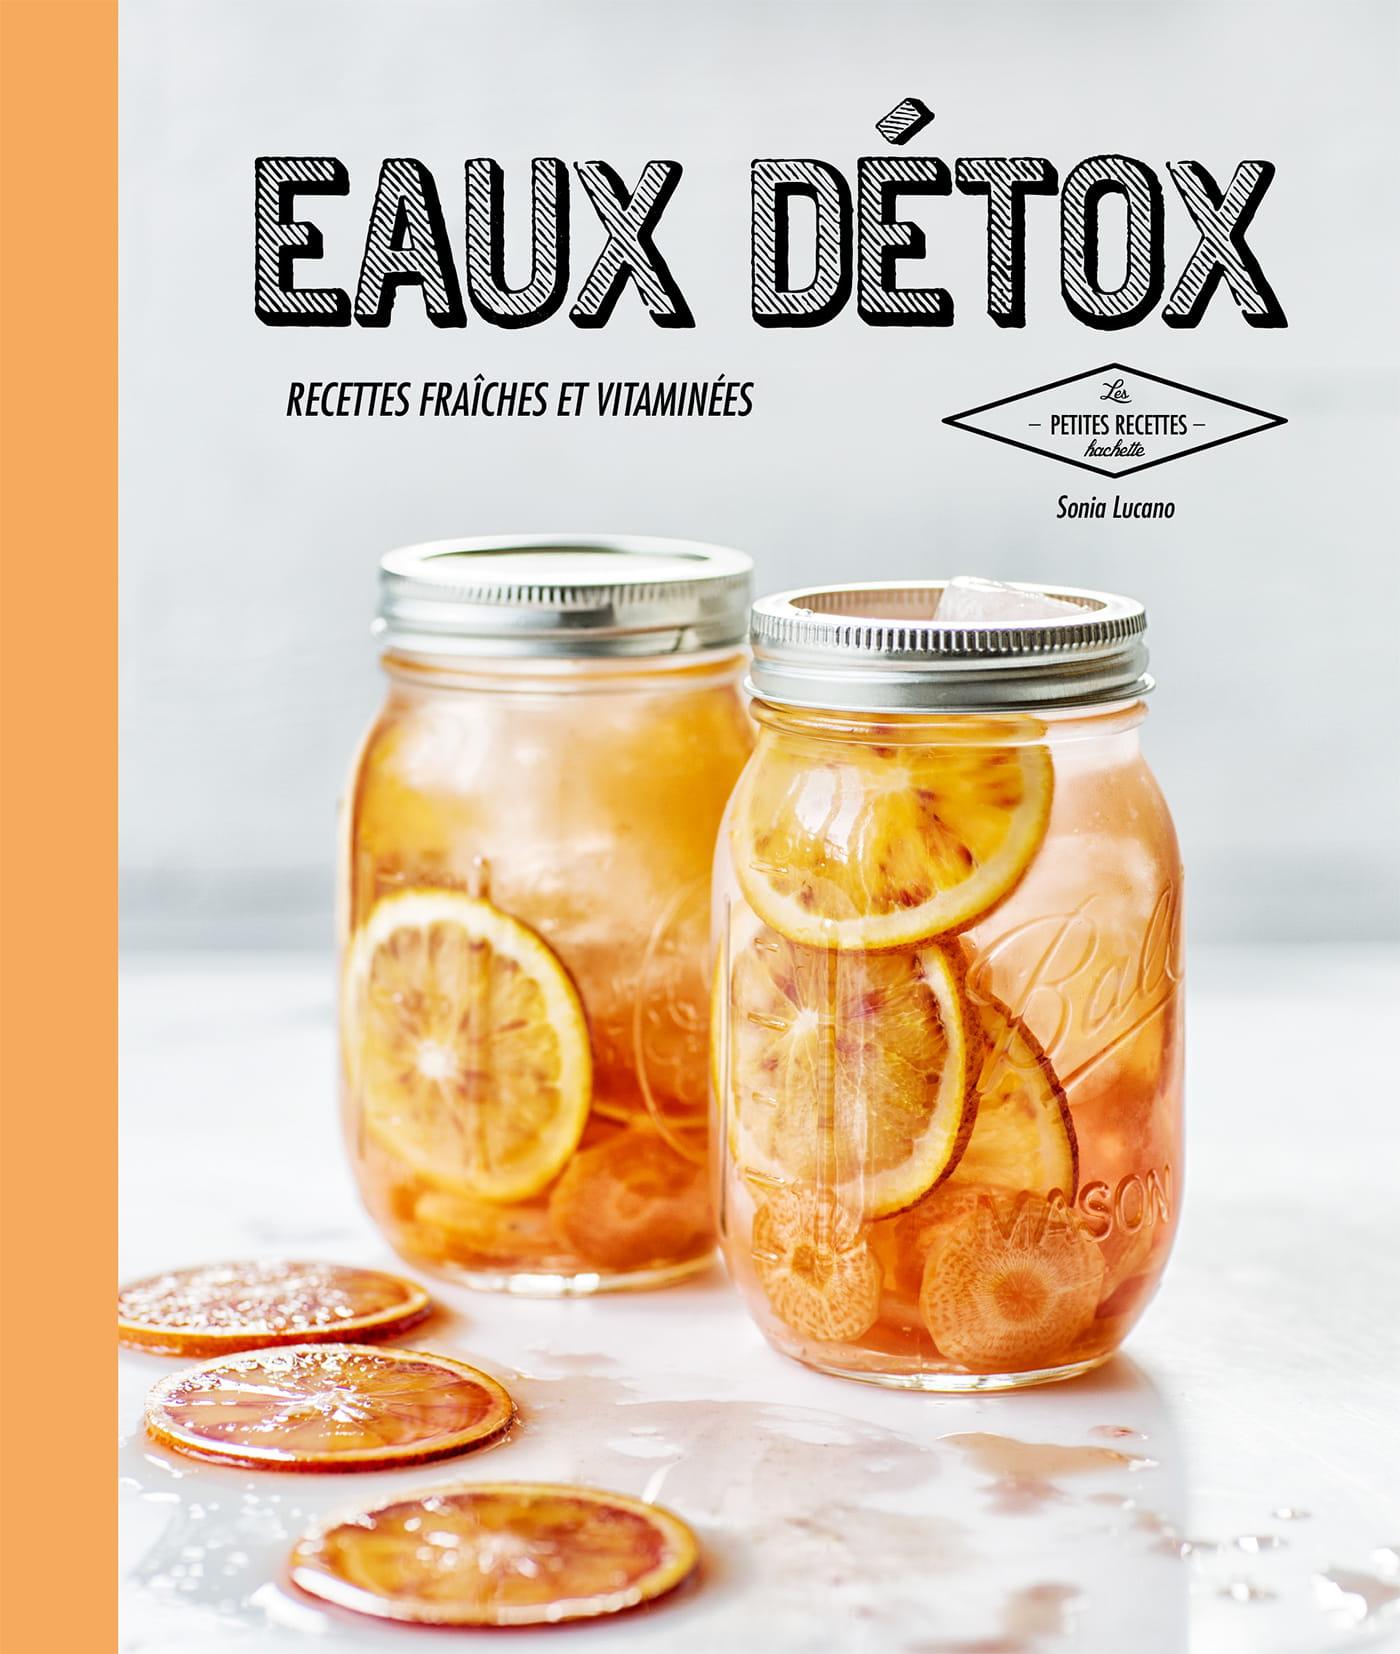 Concours gagnez 5 livres de recettes eaux d tox de hachette cuisine journ - Journal de femmes cuisine ...